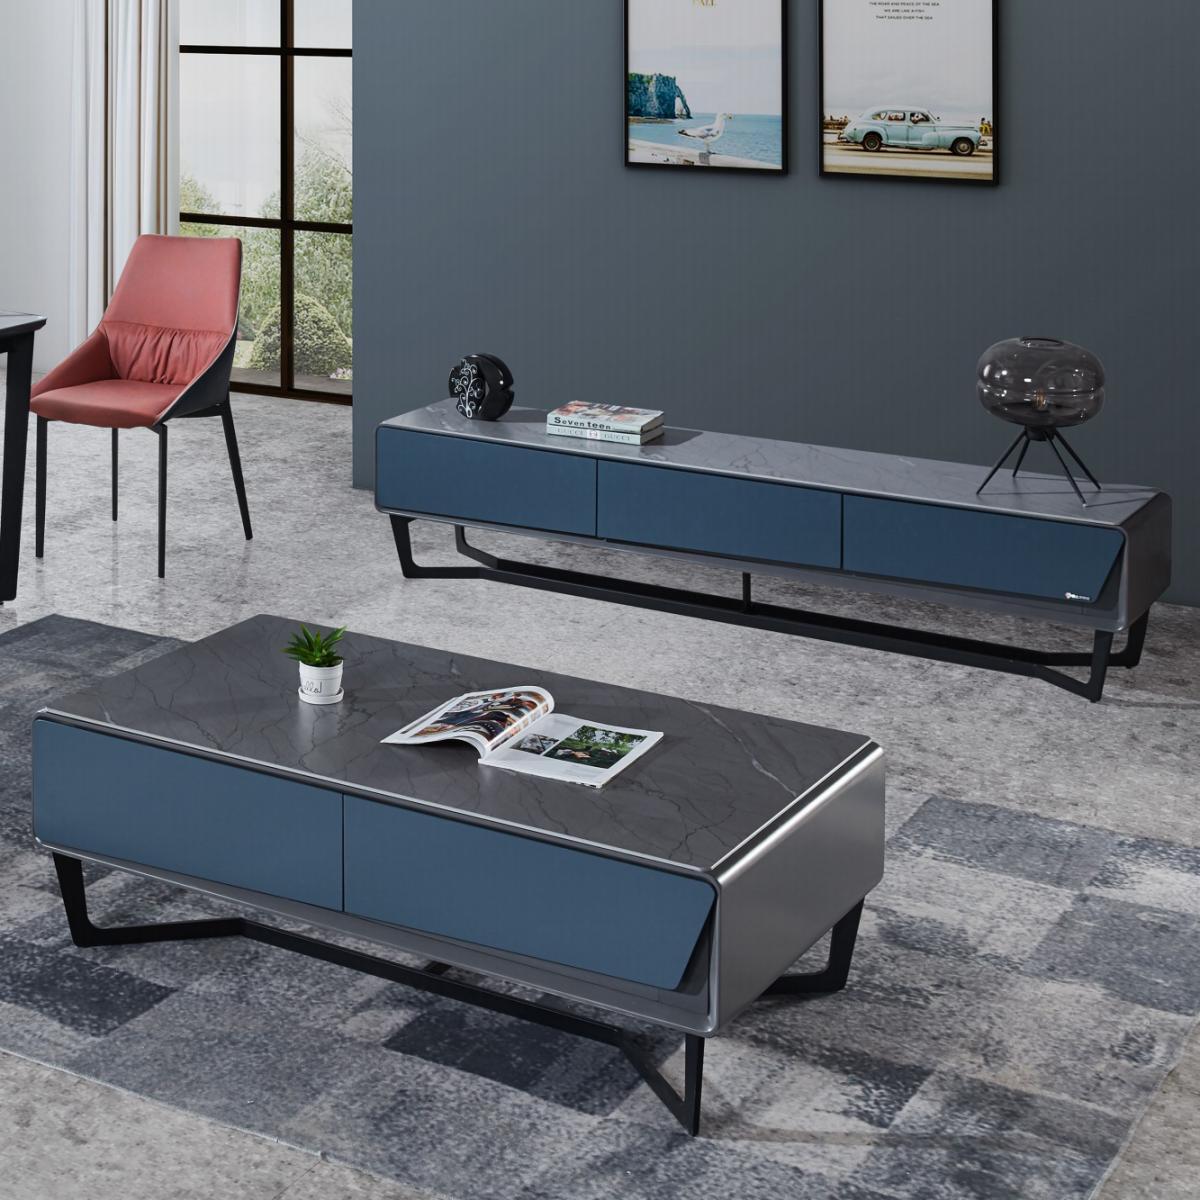 新款意式岩板茶几电视柜组合现代轻奢简约北欧岩板电视柜客厅家用